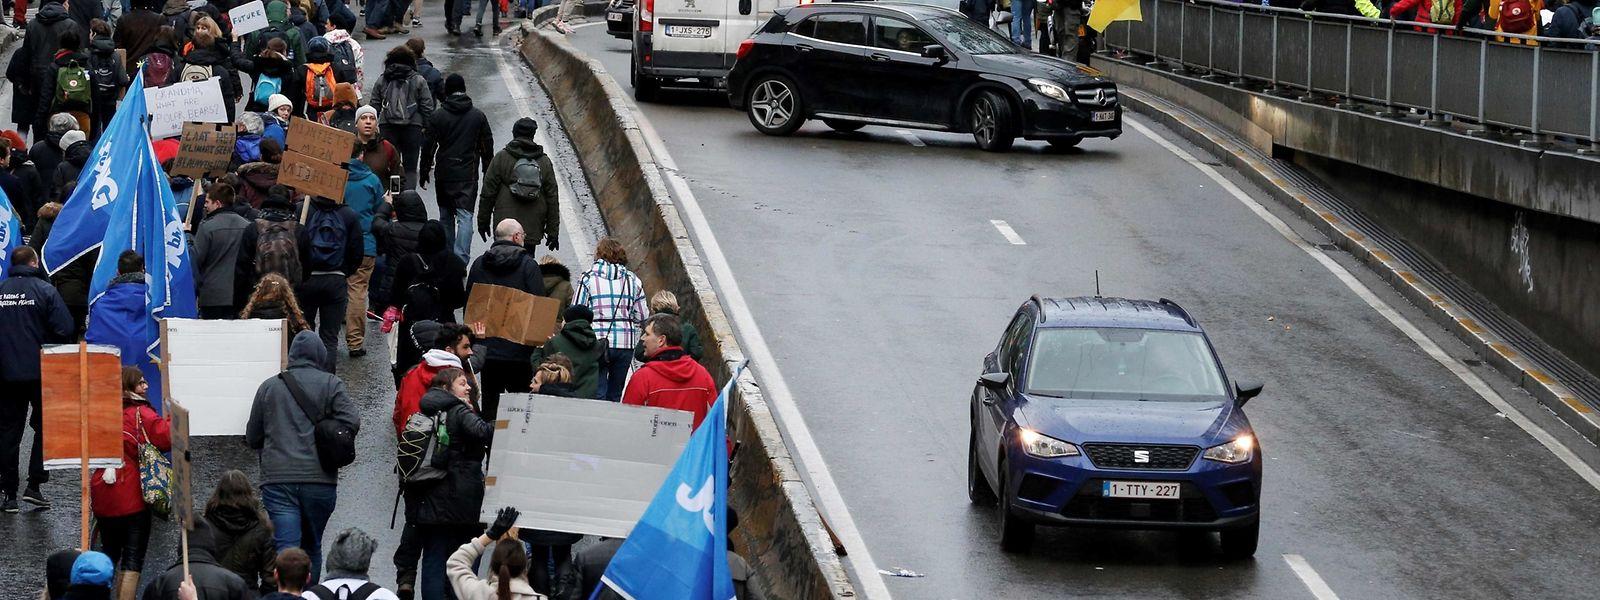 Rund 70.000 Personen nahmen an der Demo in Brüssel teil. Es war die zweite ihrer Art.